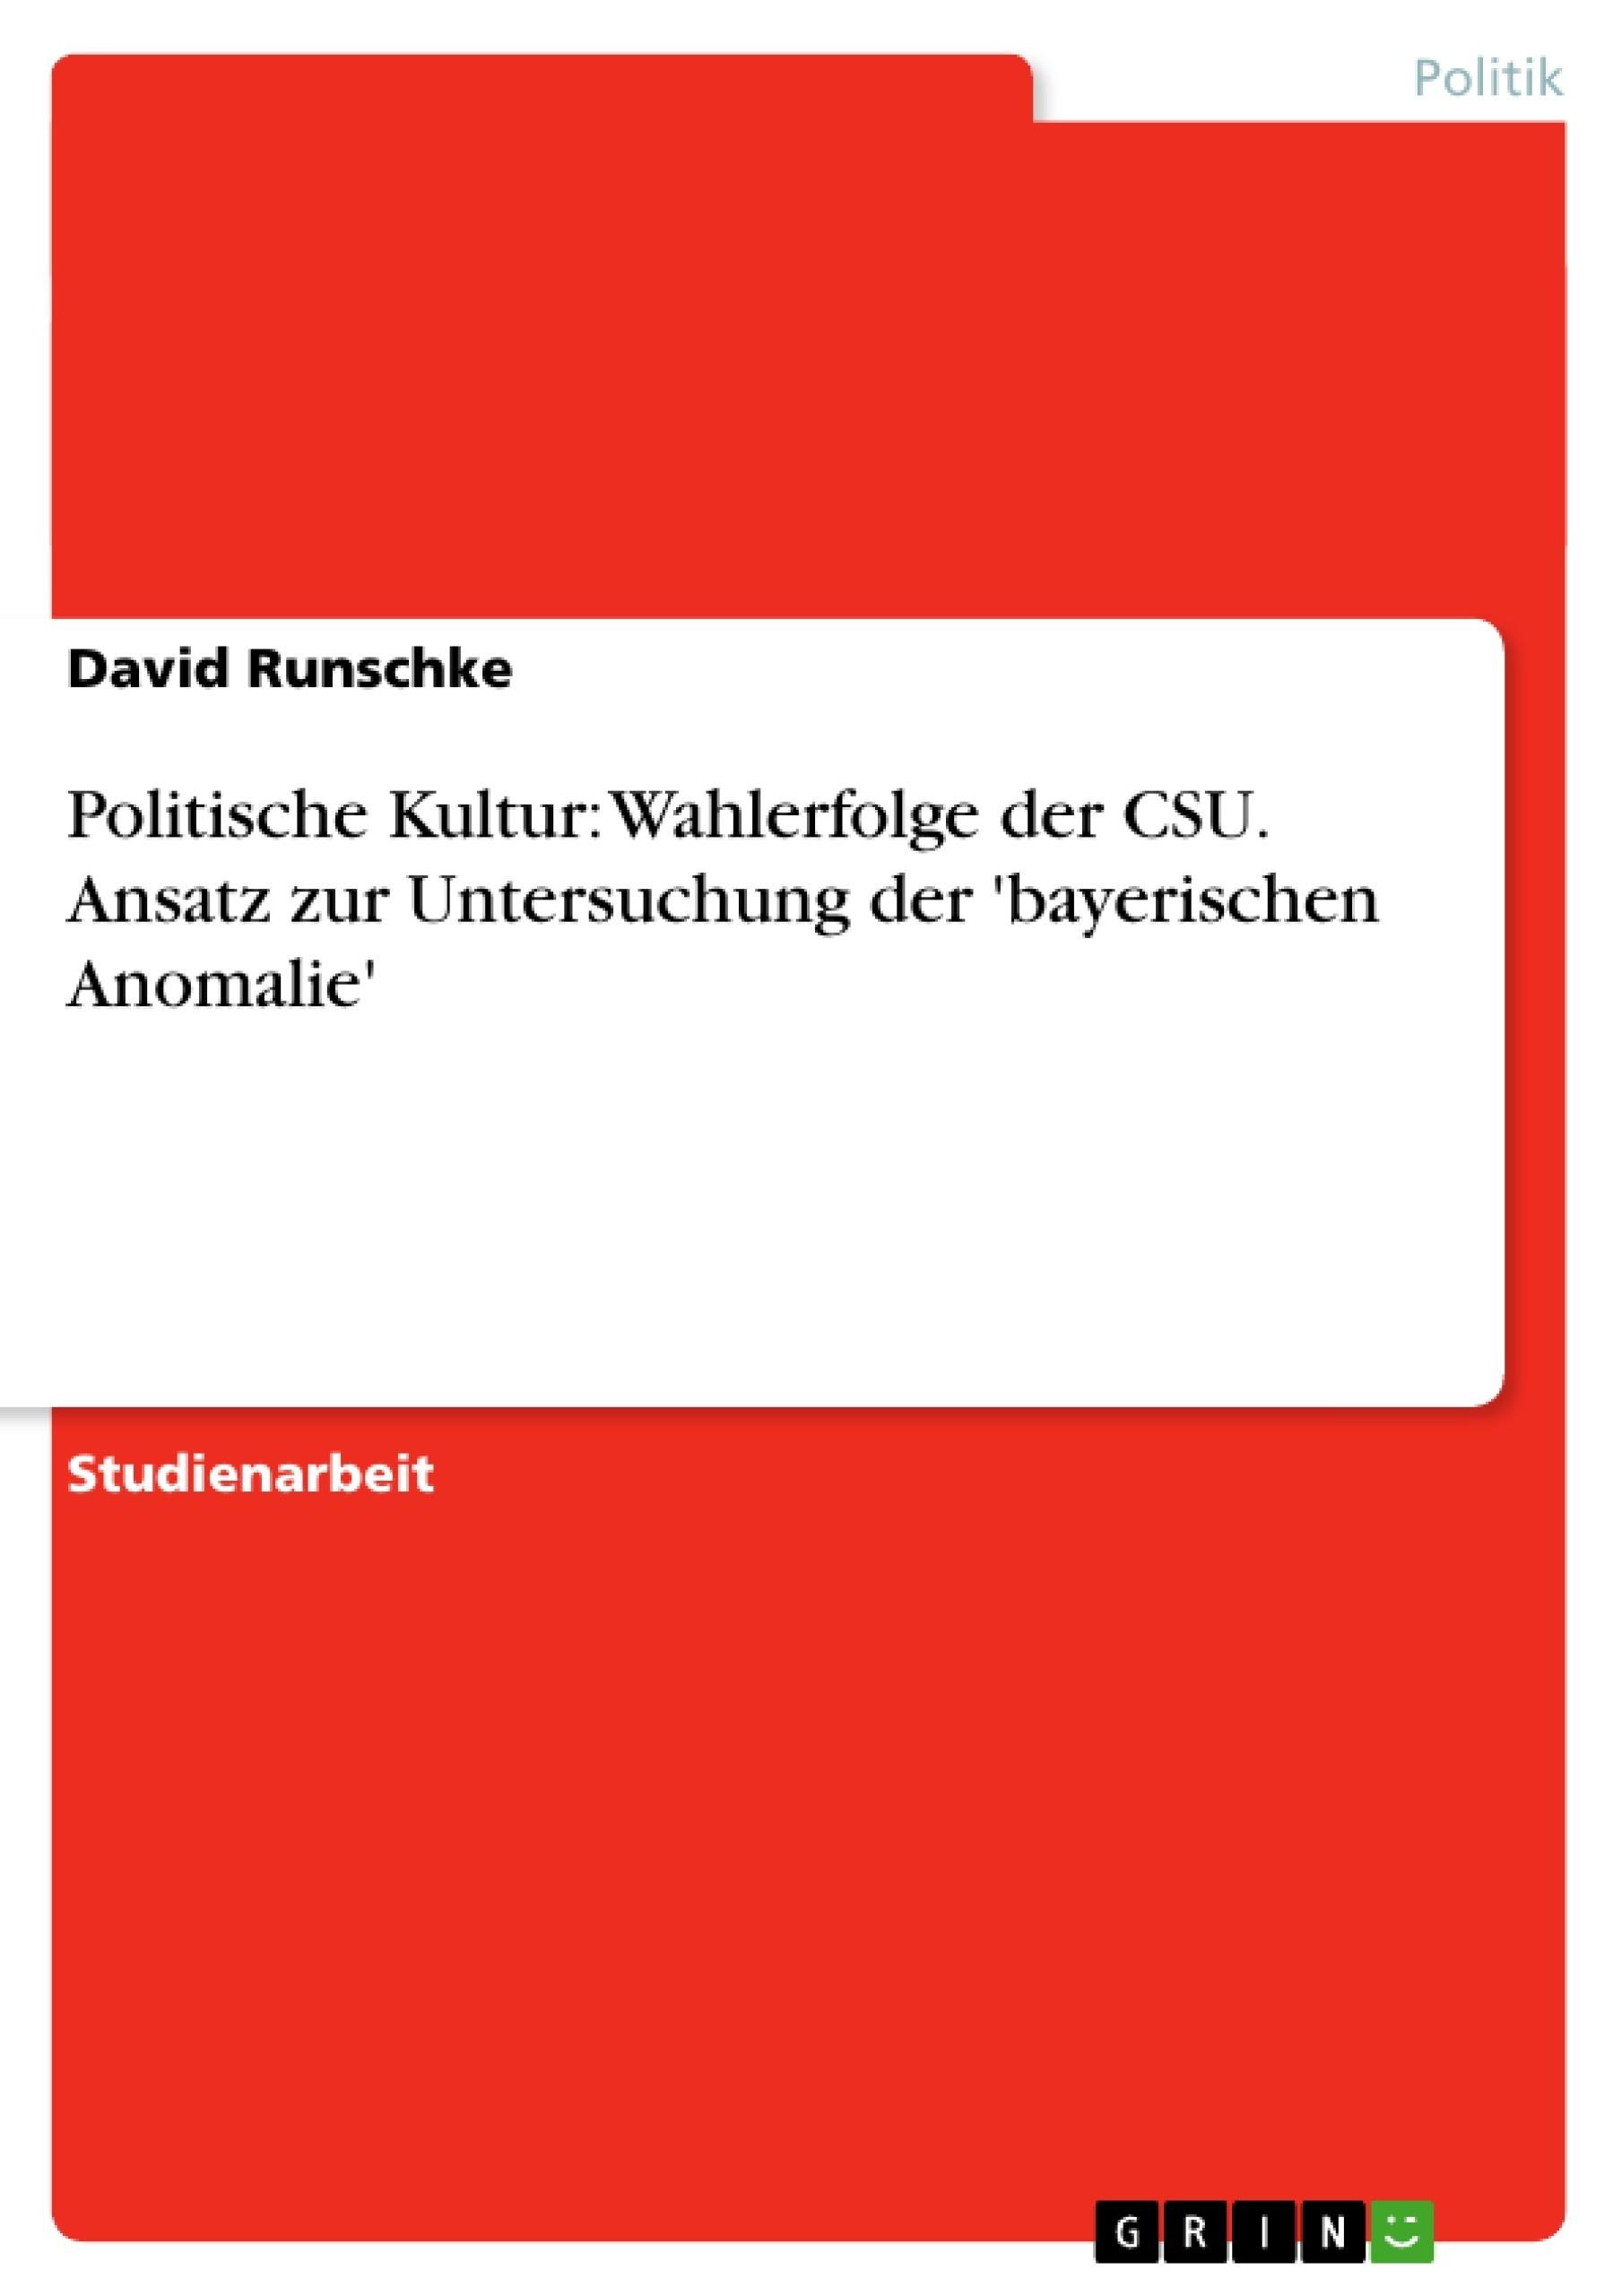 Titel: Politische Kultur: Wahlerfolge der CSU. Ansatz zur Untersuchung der 'bayerischen Anomalie'